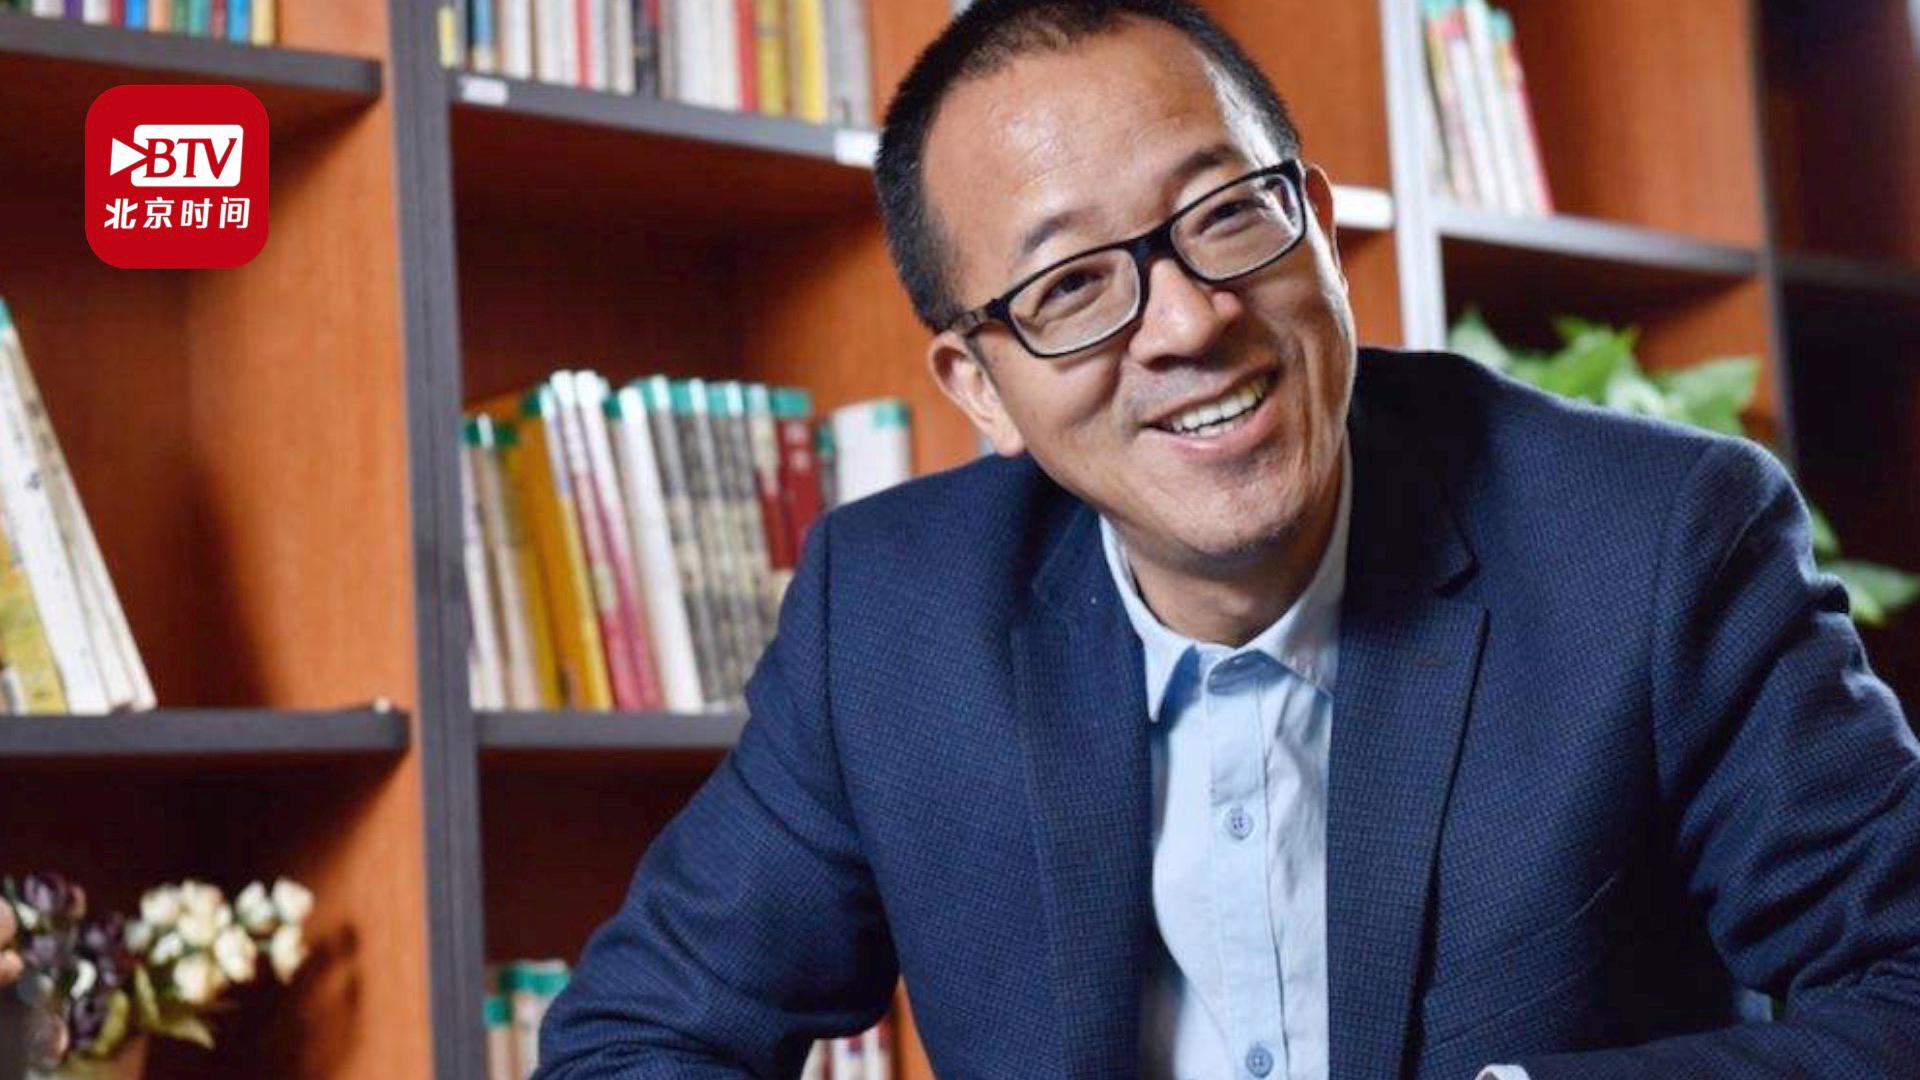 俞敏洪:新东方的人挺厉害的 不少从新东方出去的人都能创业成功